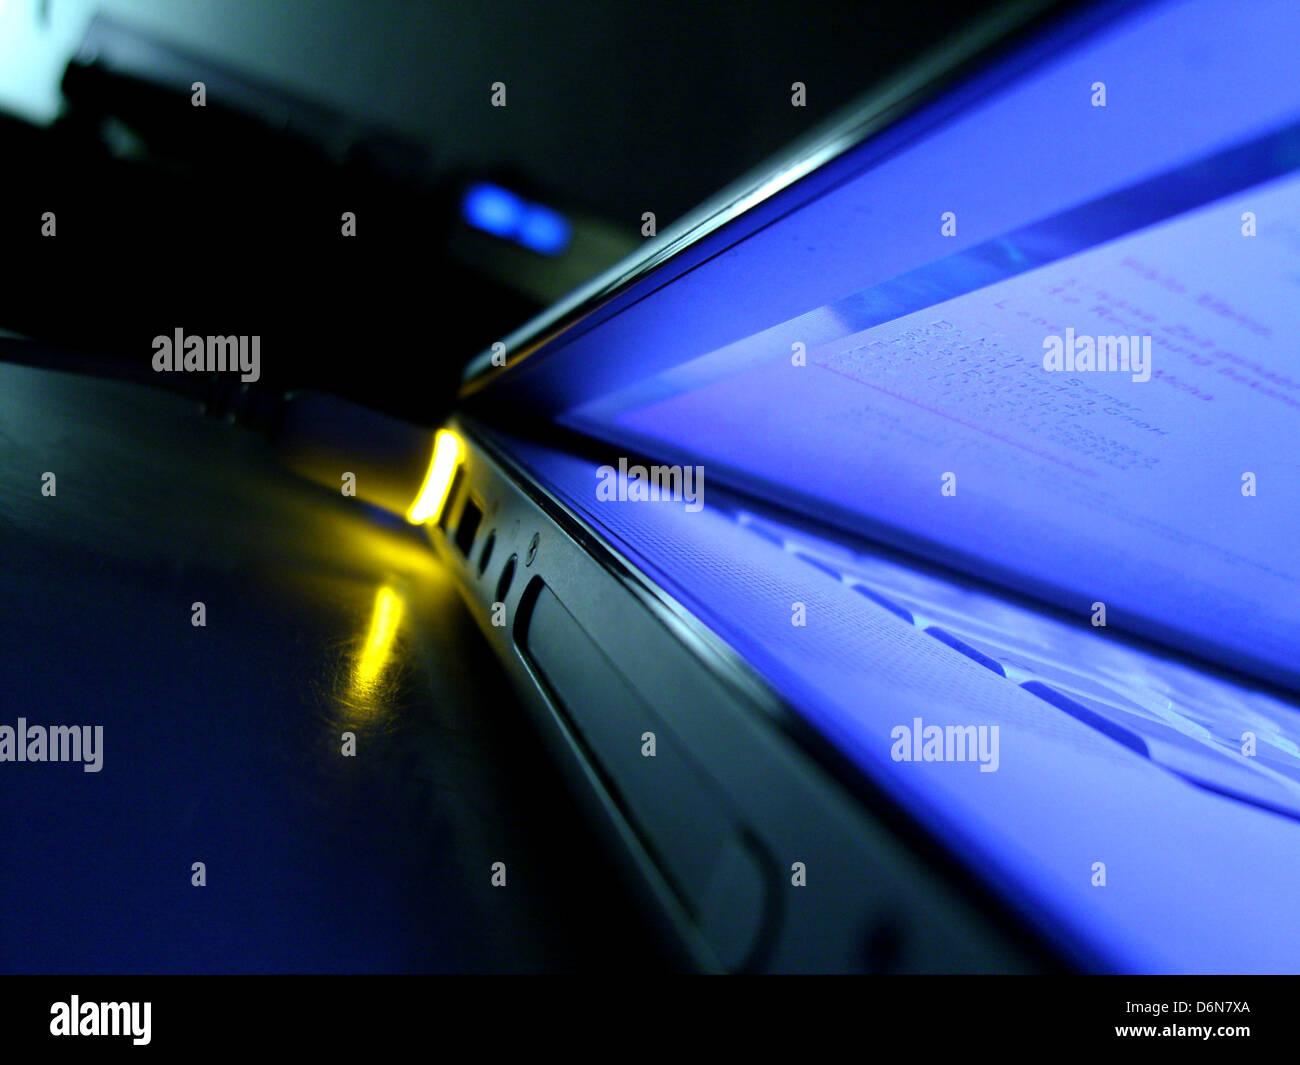 palmtop,power cord - Stock Image